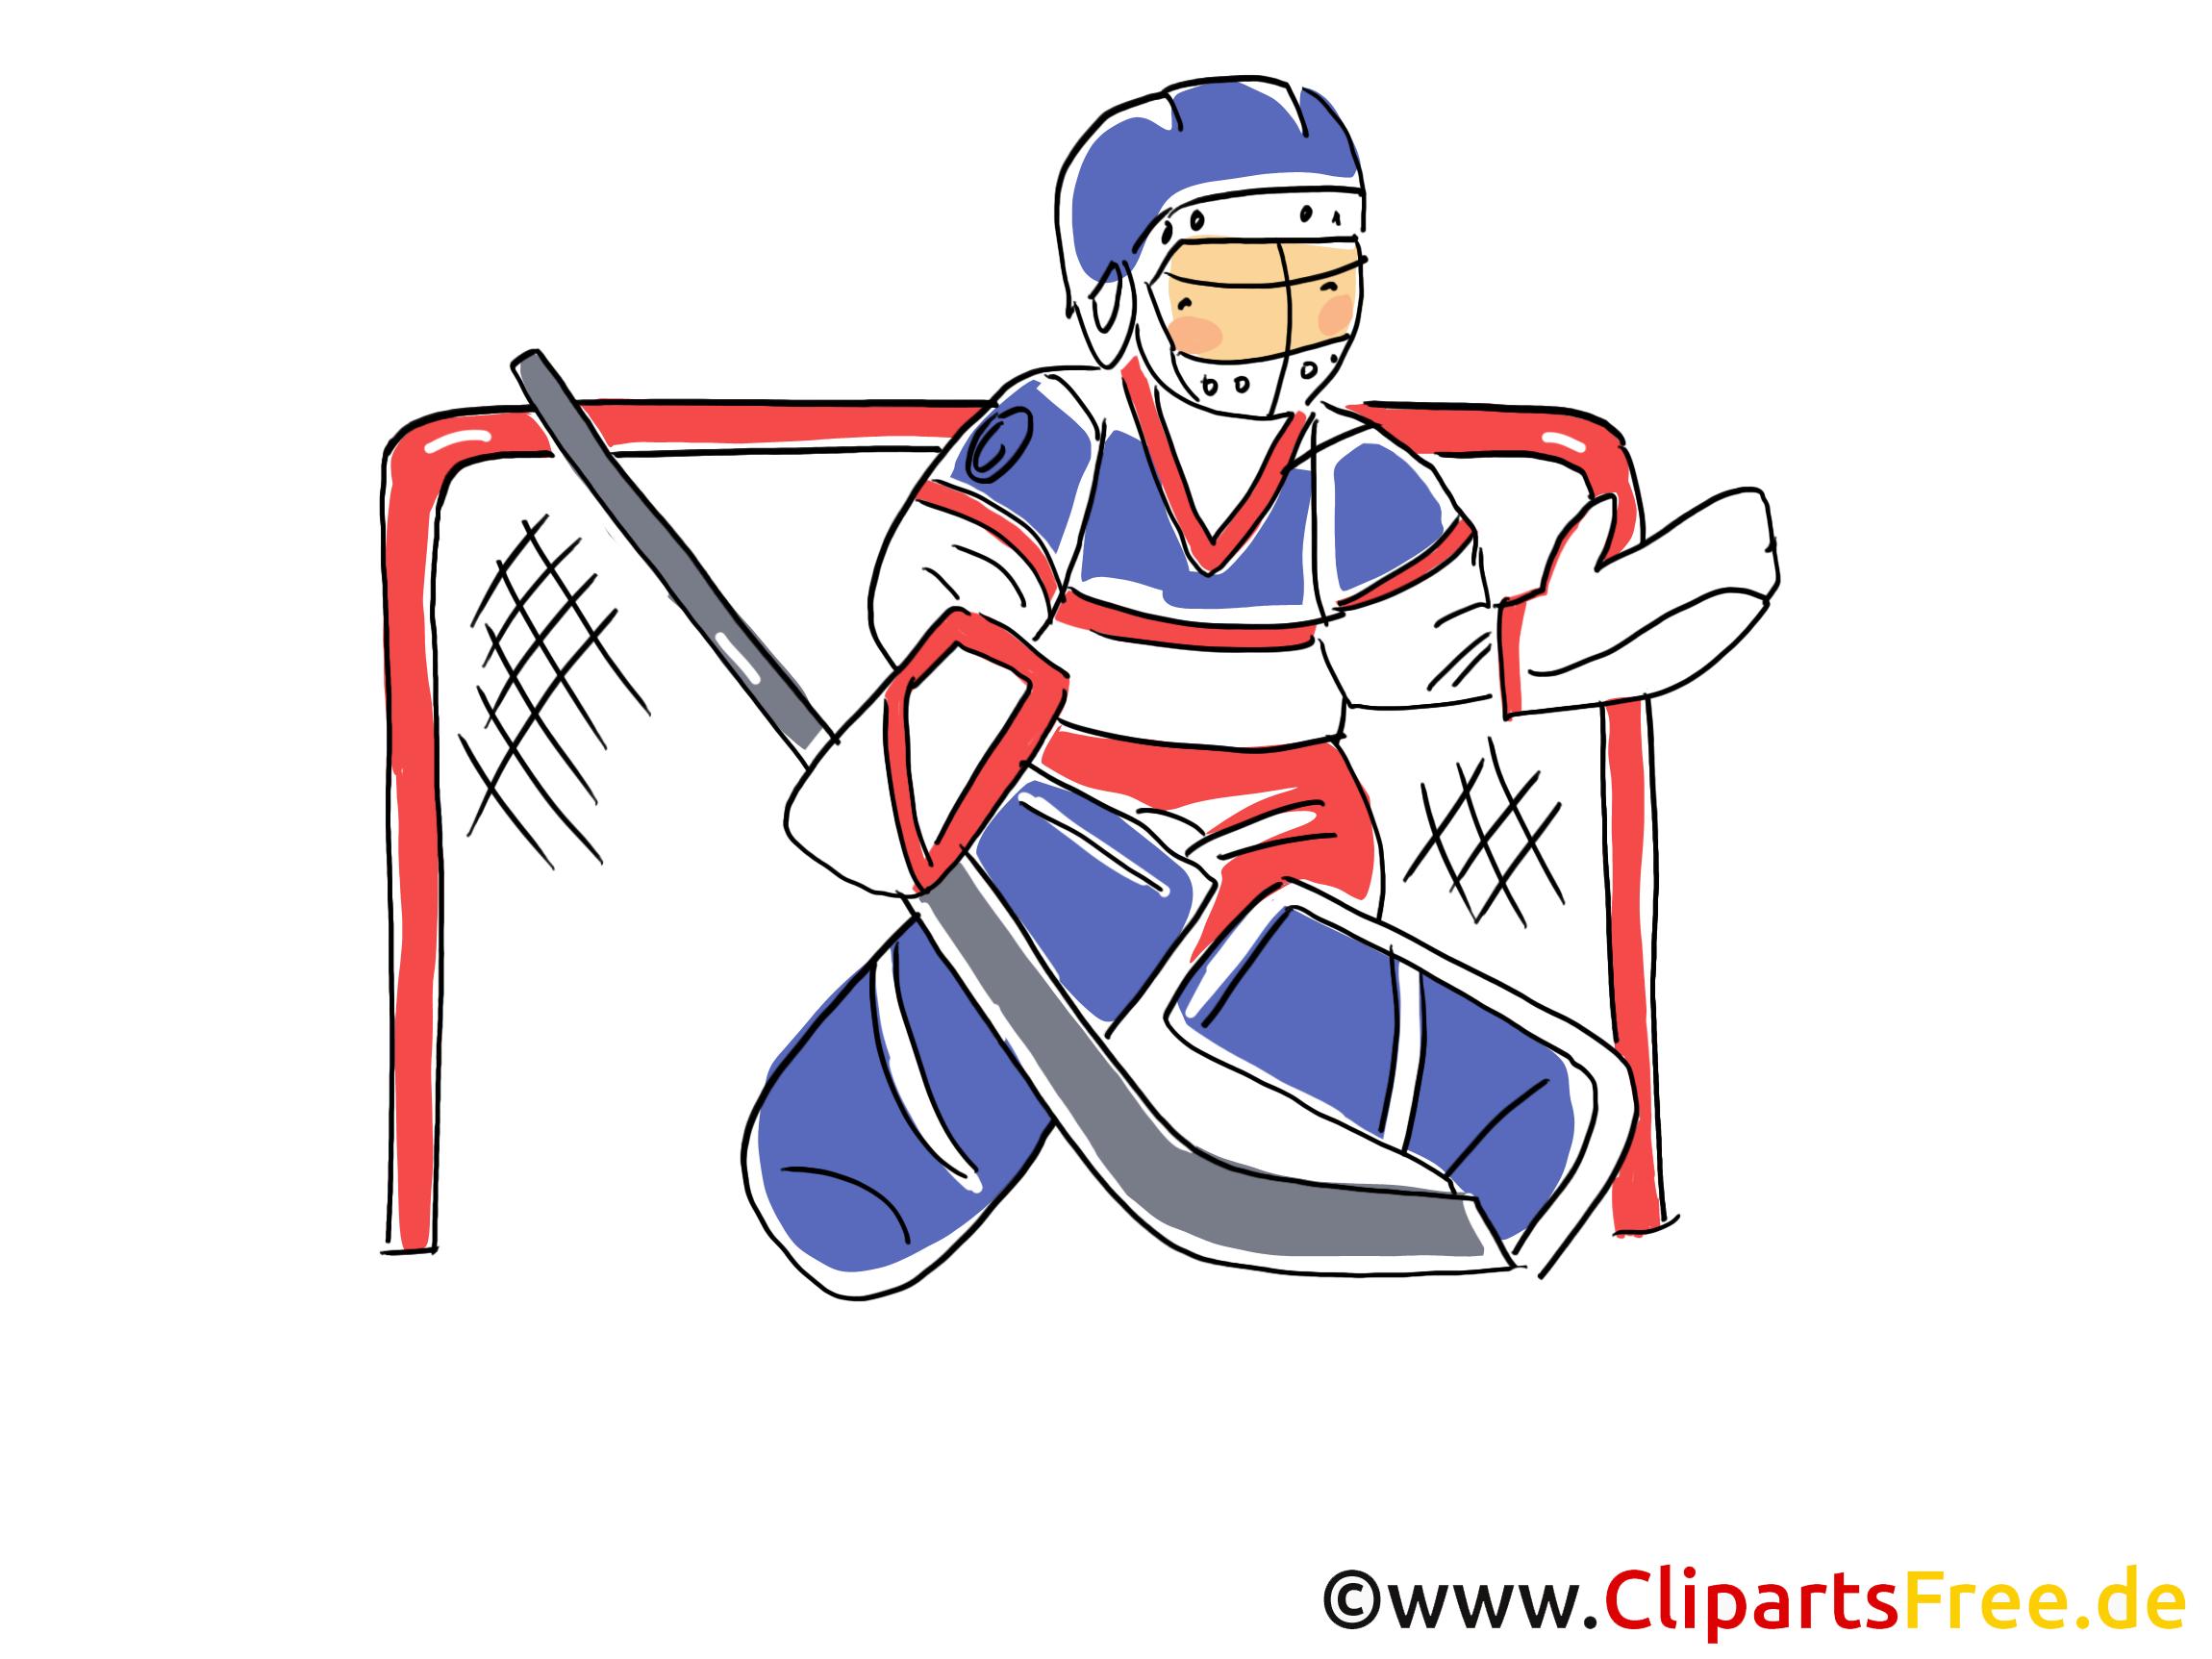 Gardien de but images hockey dessins gratuits hockey - Gardien de but dessin ...